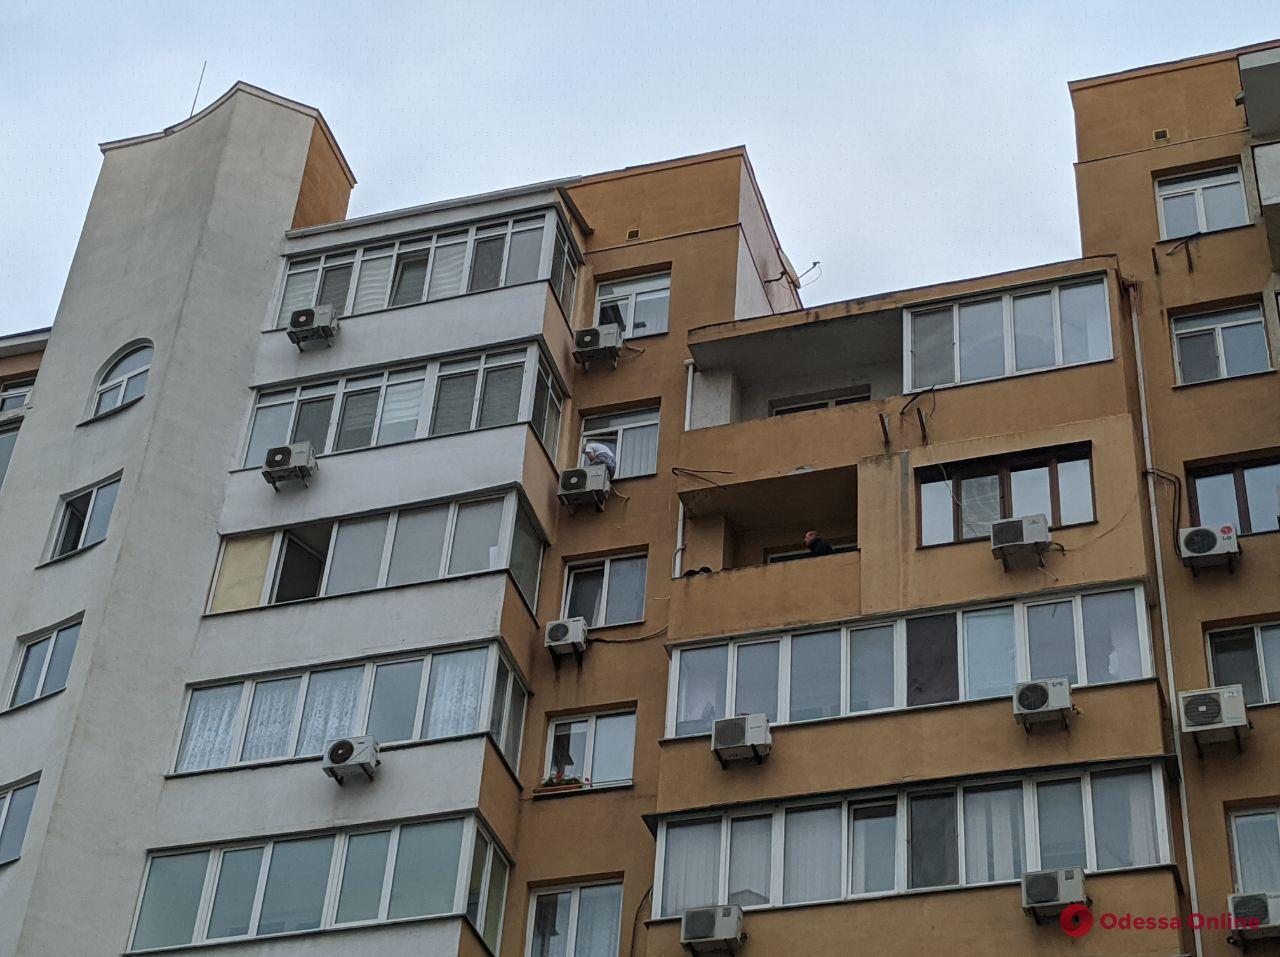 На 9-й станции Фонтана женщина хочет выпрыгнуть из окна многоэтажки (видео, обновляется)